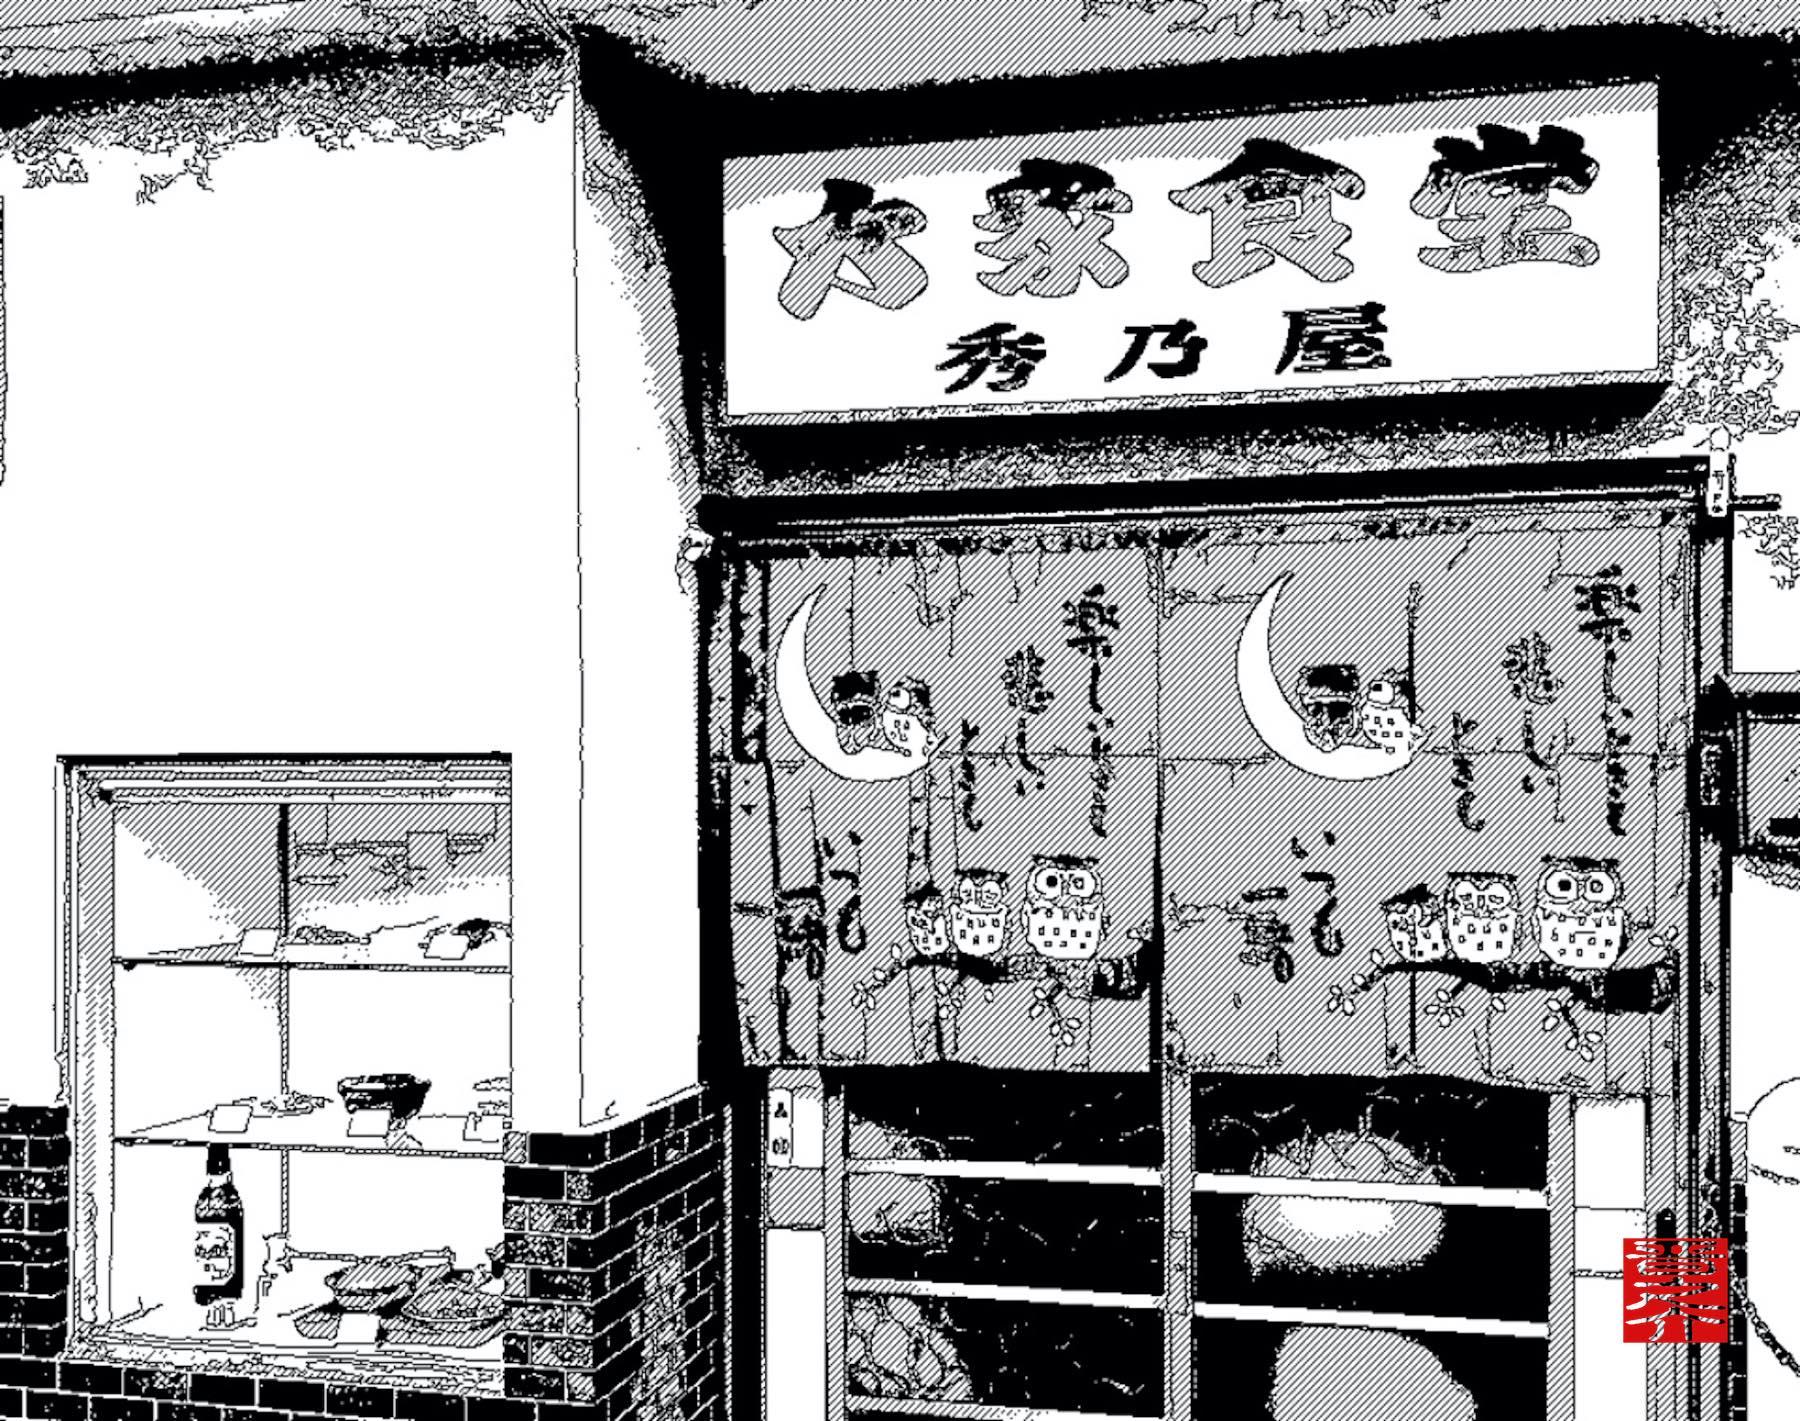 鉄道のそばに旨い食堂がある風景「食べる人」も「呑む人」も温かく迎えてくれる大衆食堂 秀乃屋